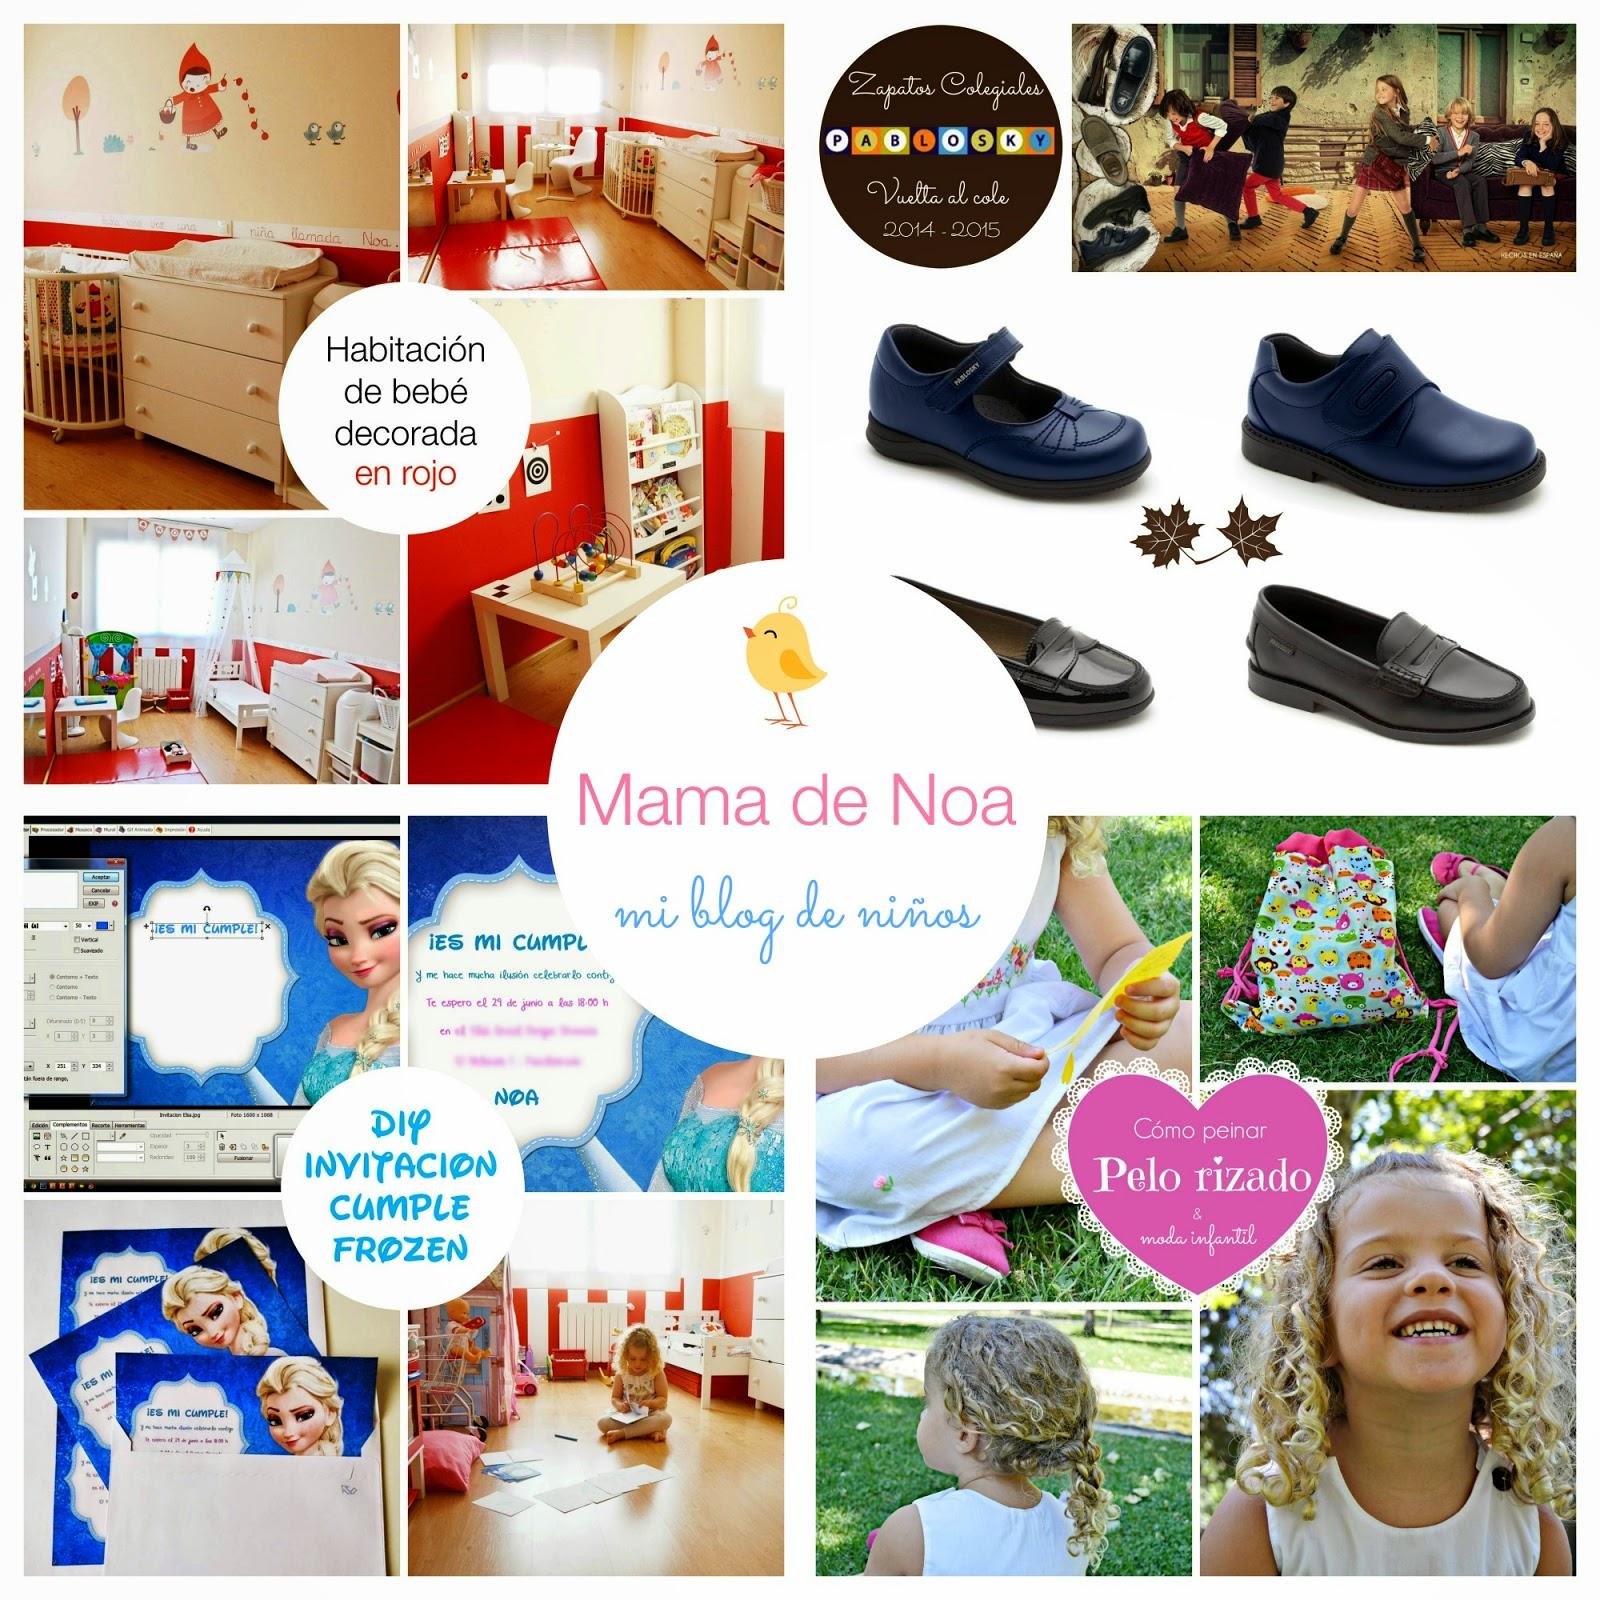 blog de niños mama de noa blog moda infantil ocio viajes en familia cumpleaños